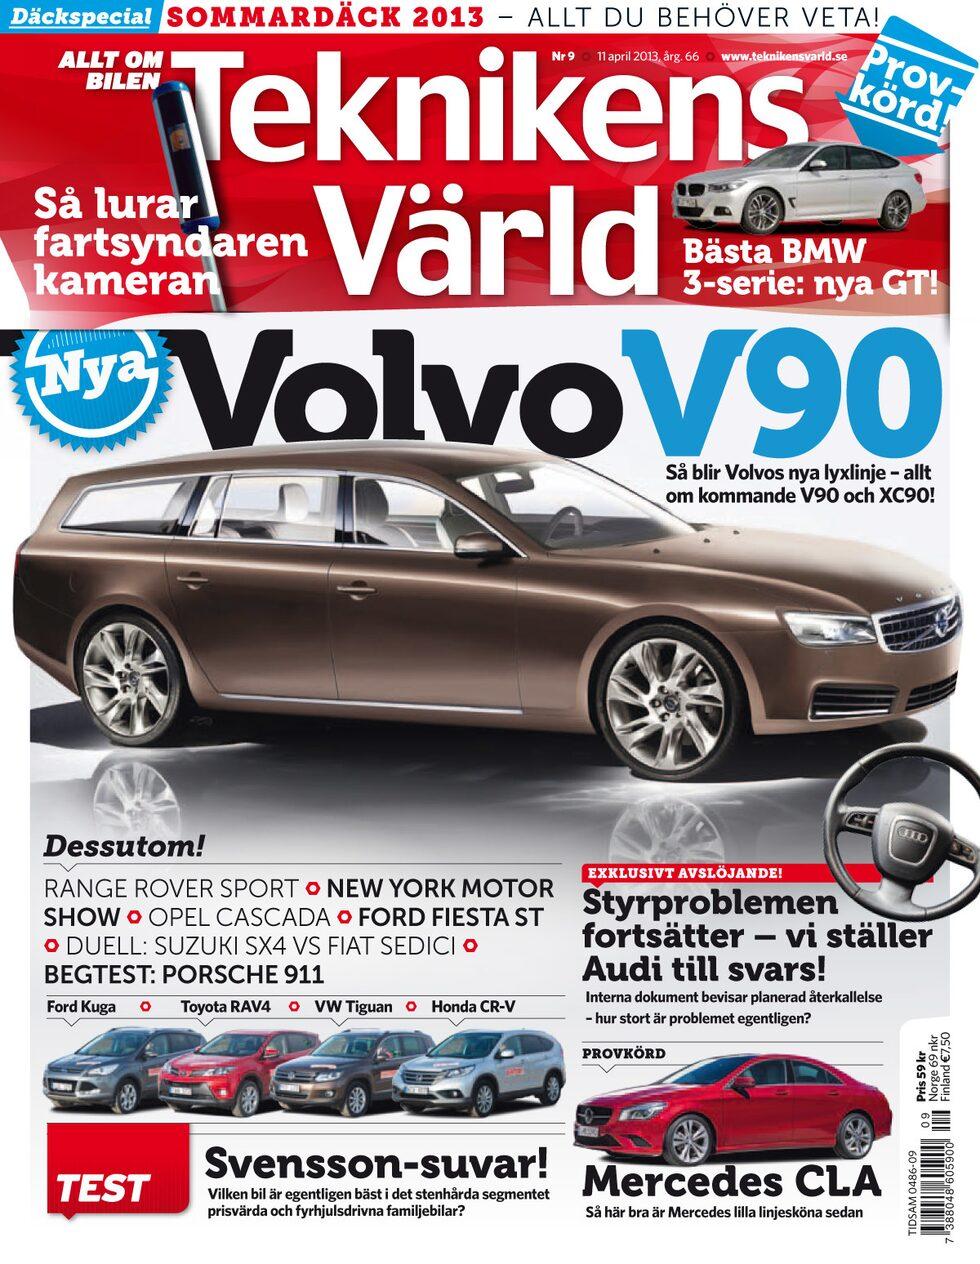 Teknikens Värld nummer 9 / 2013